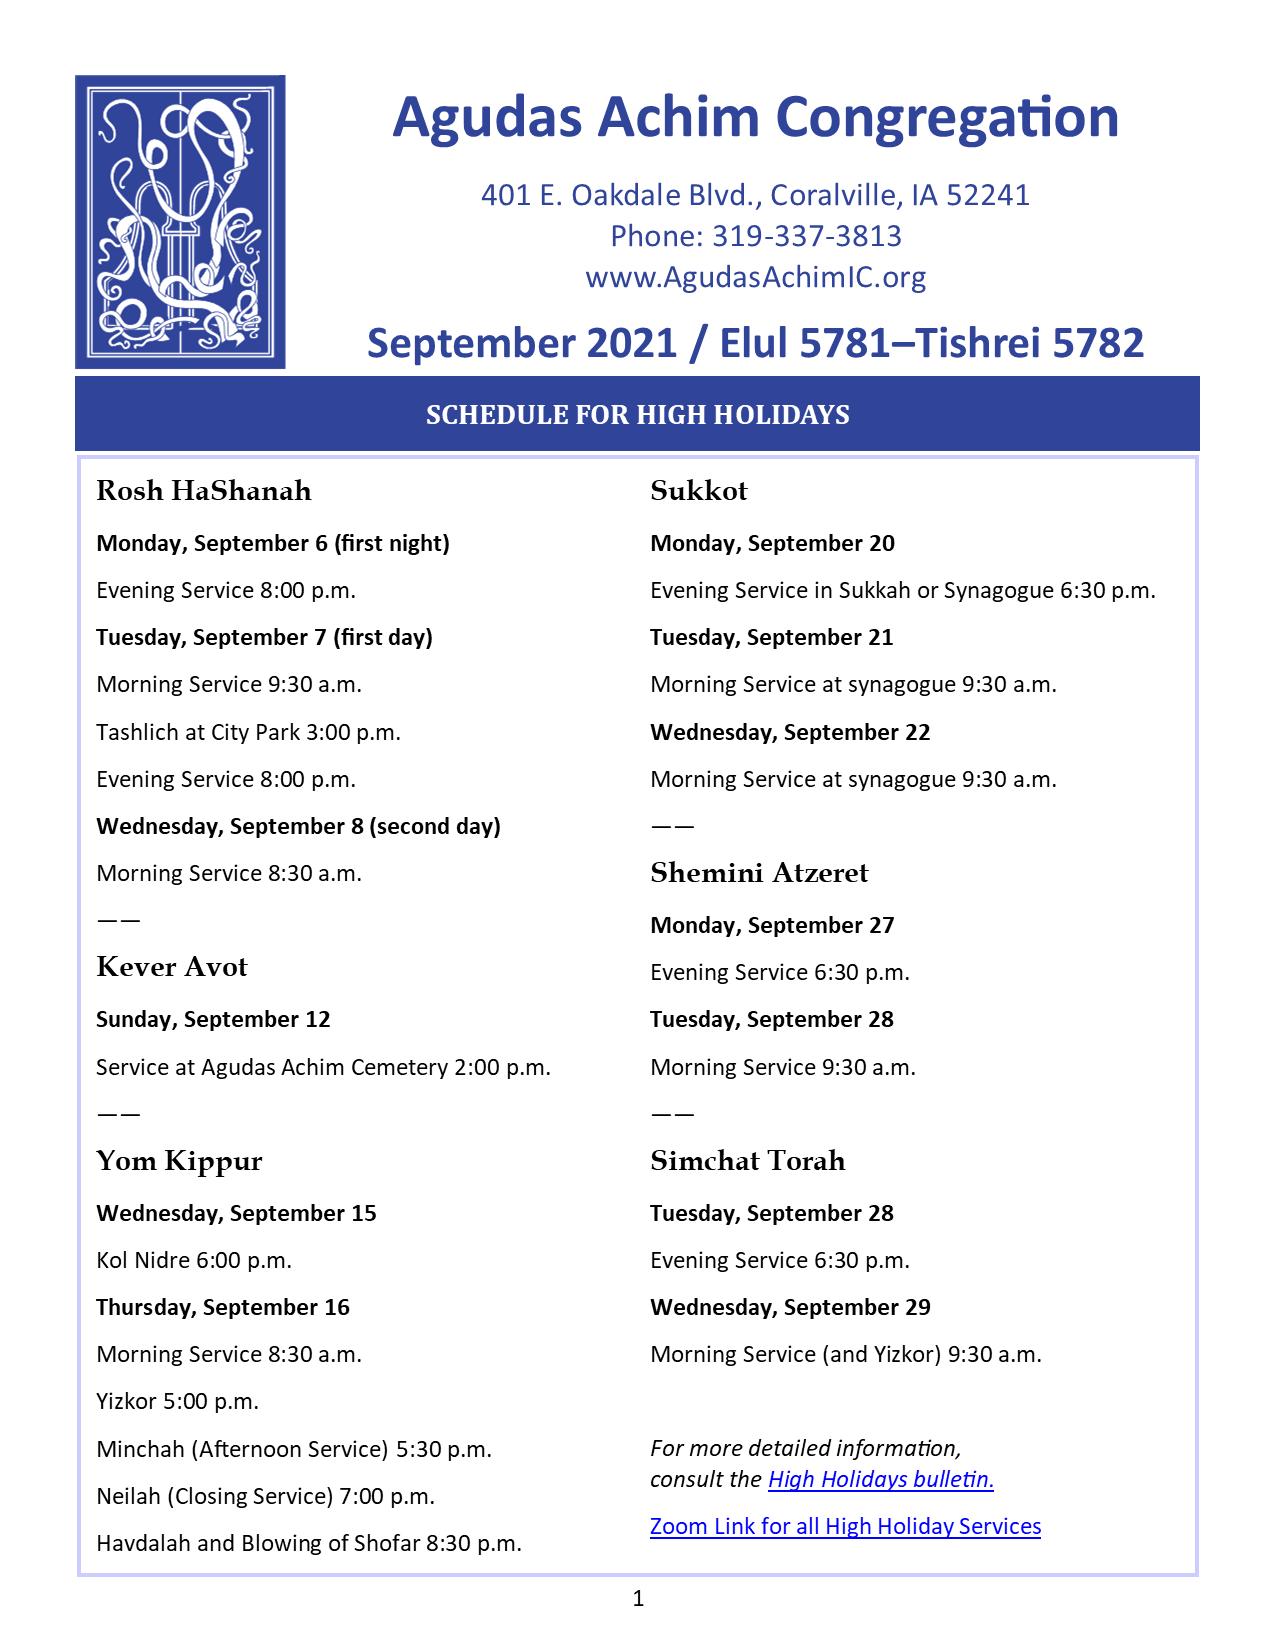 September 2021 Bulletin Cover